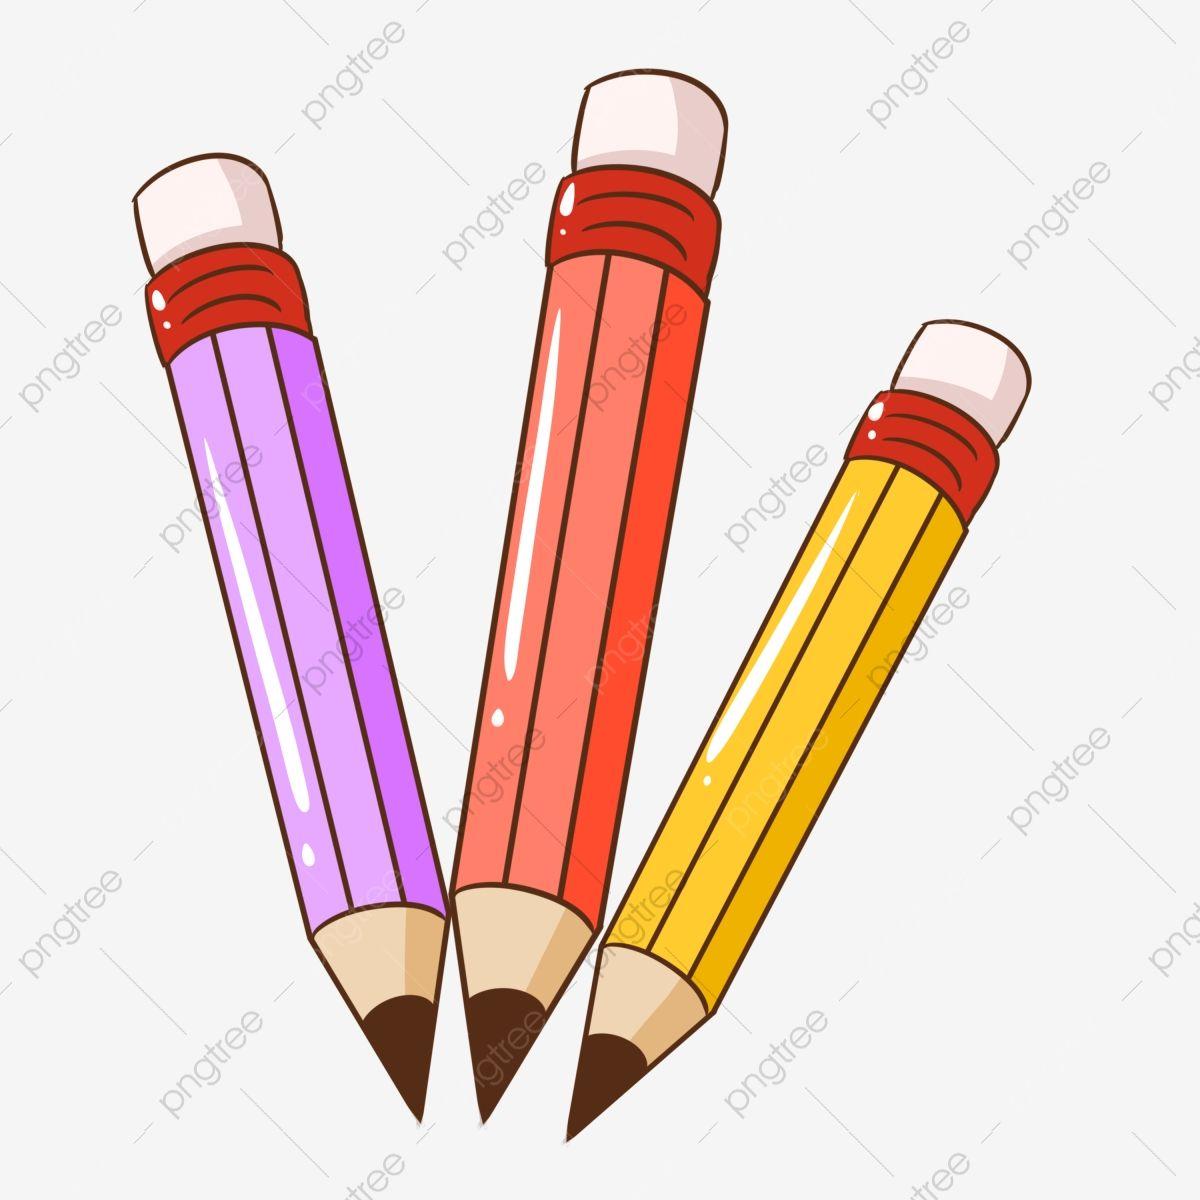 Gambar Pensil Berwarna Tiga Pensel Pensel Kreatif Pensel Yang Dilukis Tangan Clipart Pensil Pensel Warna Tiga Pensel Png Dan Psd Untuk Muat Turun Percuma Pensil Warna Gambar Pensil Gambar